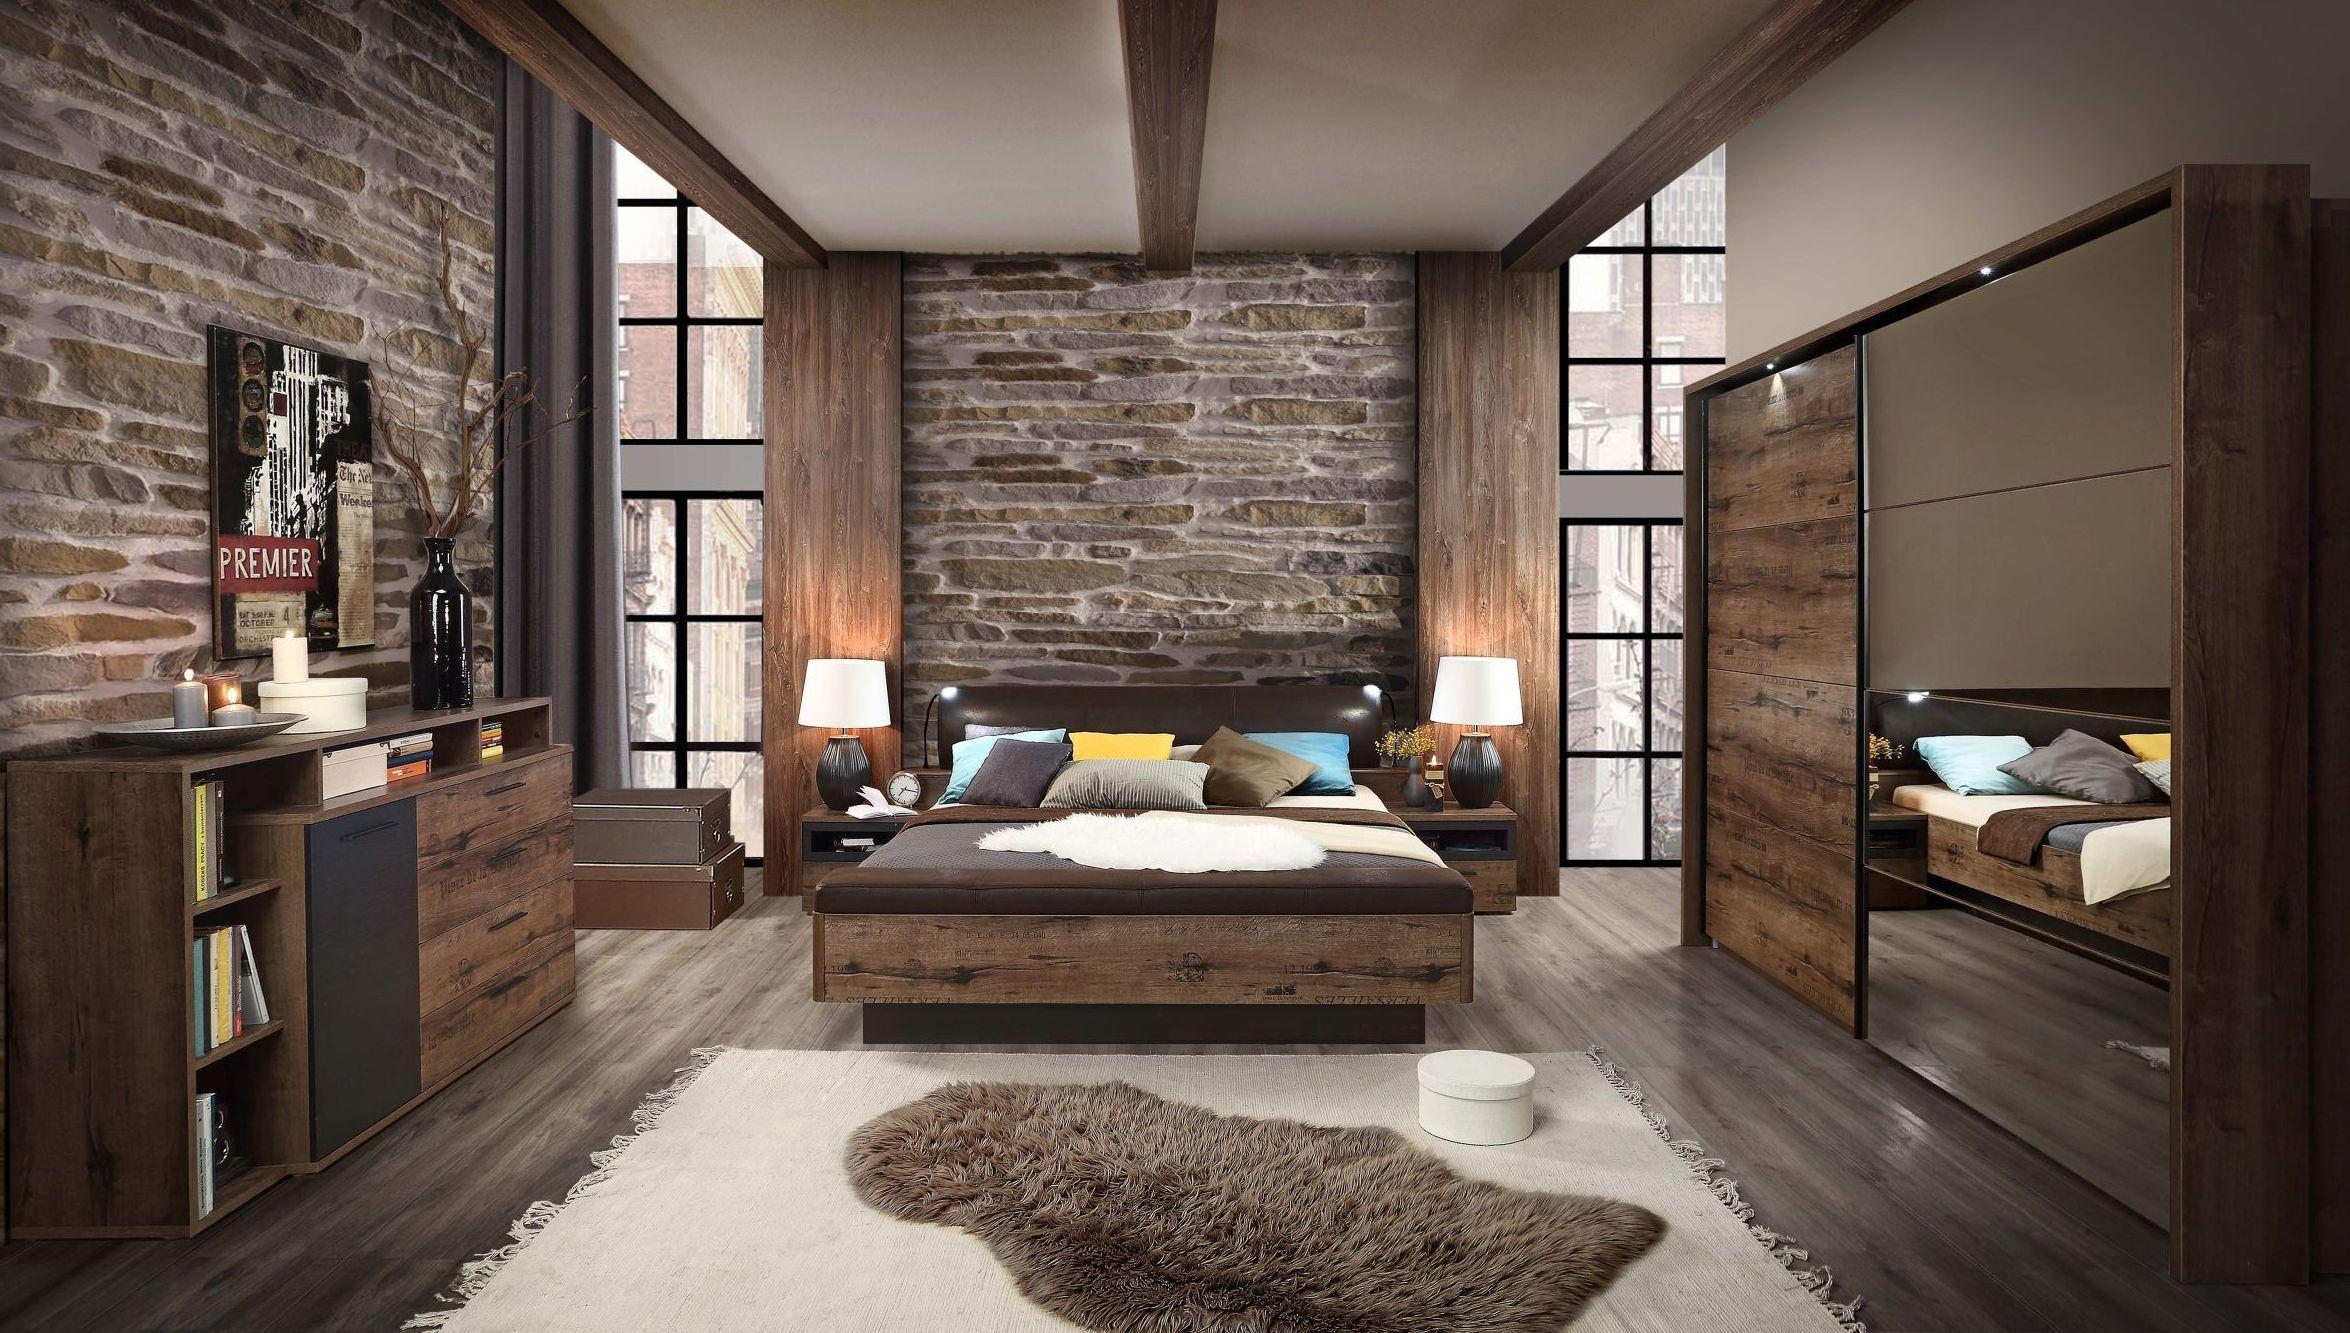 Schlafzimmer Mit Bett 180 X 200 Cm Script Schlammeiche/ Schwarzeiche Woody  77 01266 Schwarzeiche/ Schlammeiche Holz Modern Jetzt Bestellen Unter: ...